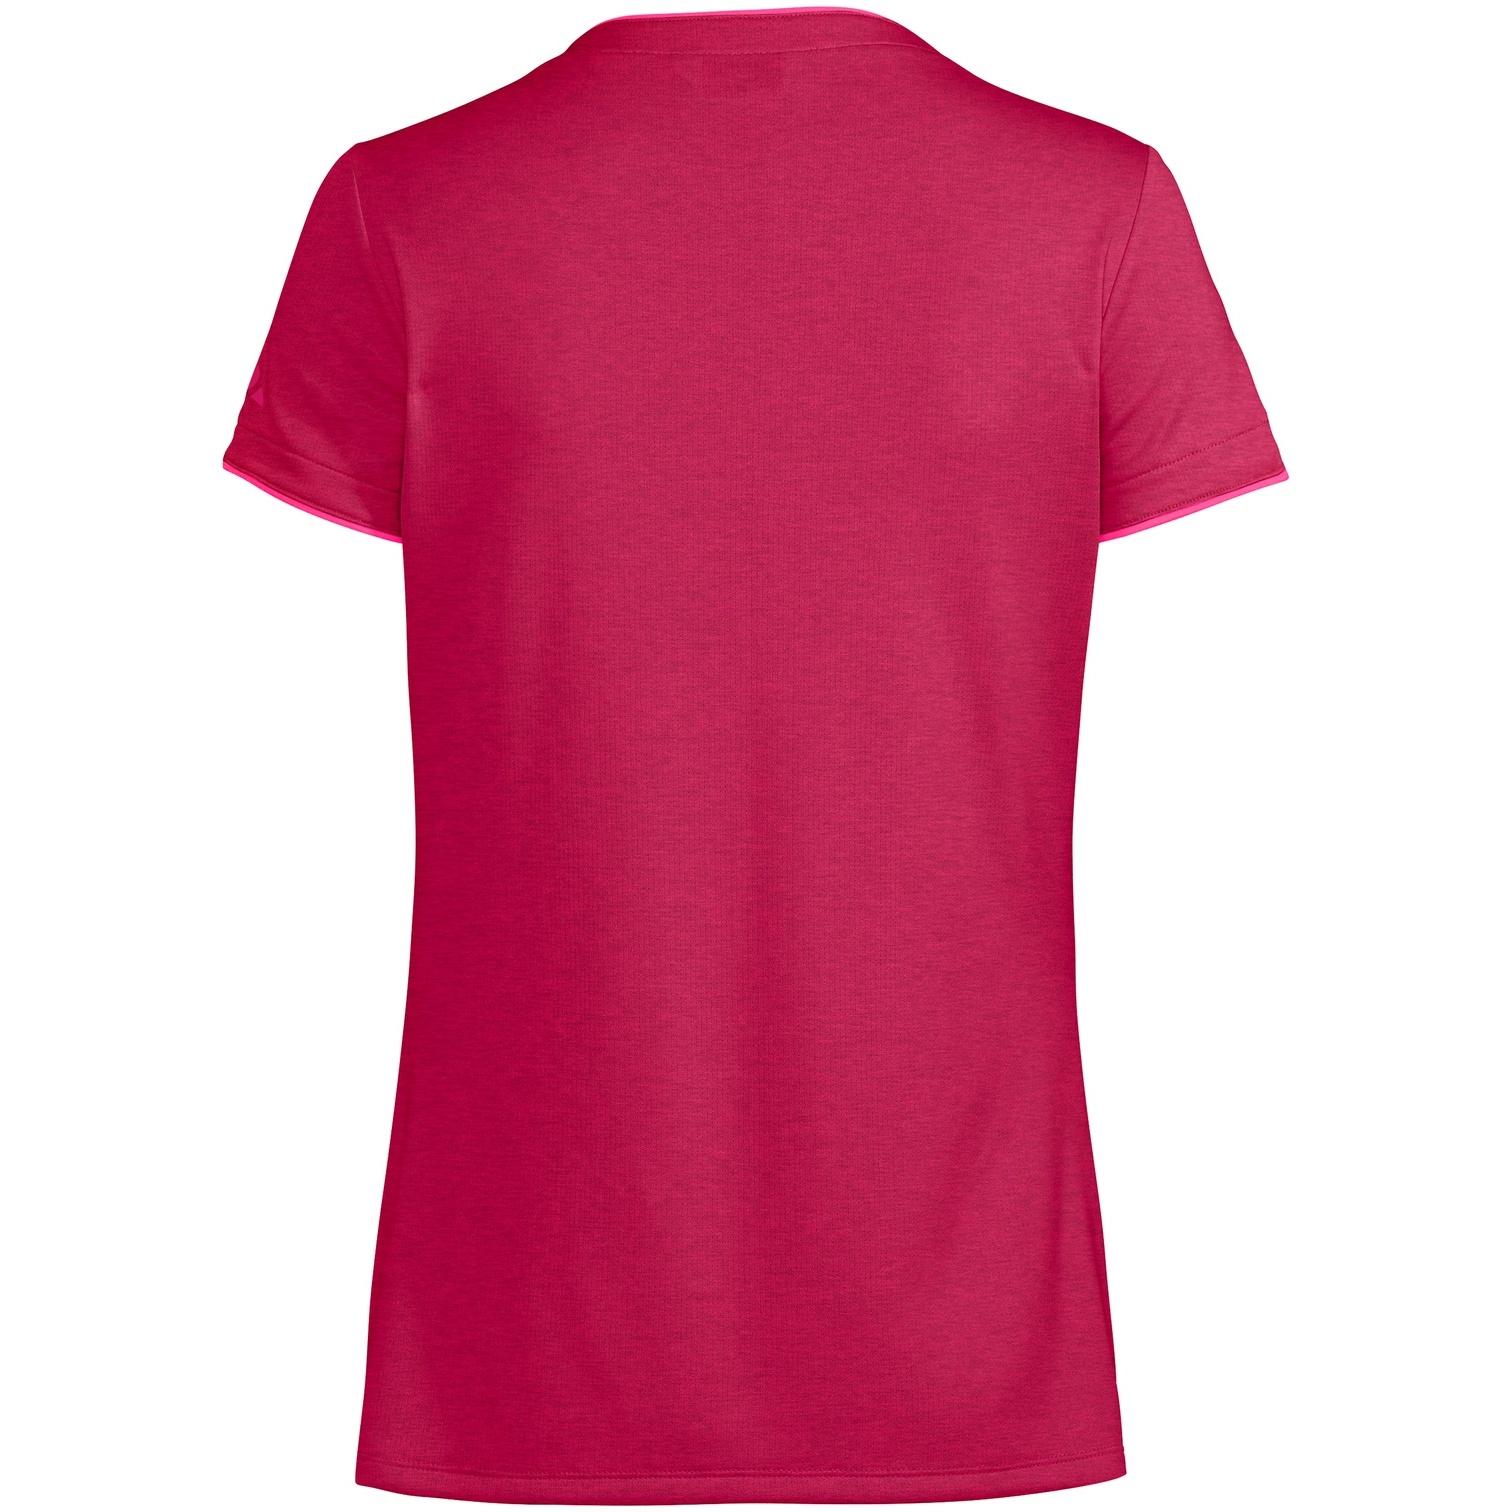 Bild von Vaude Essential Damen T-Shirt - crimson red